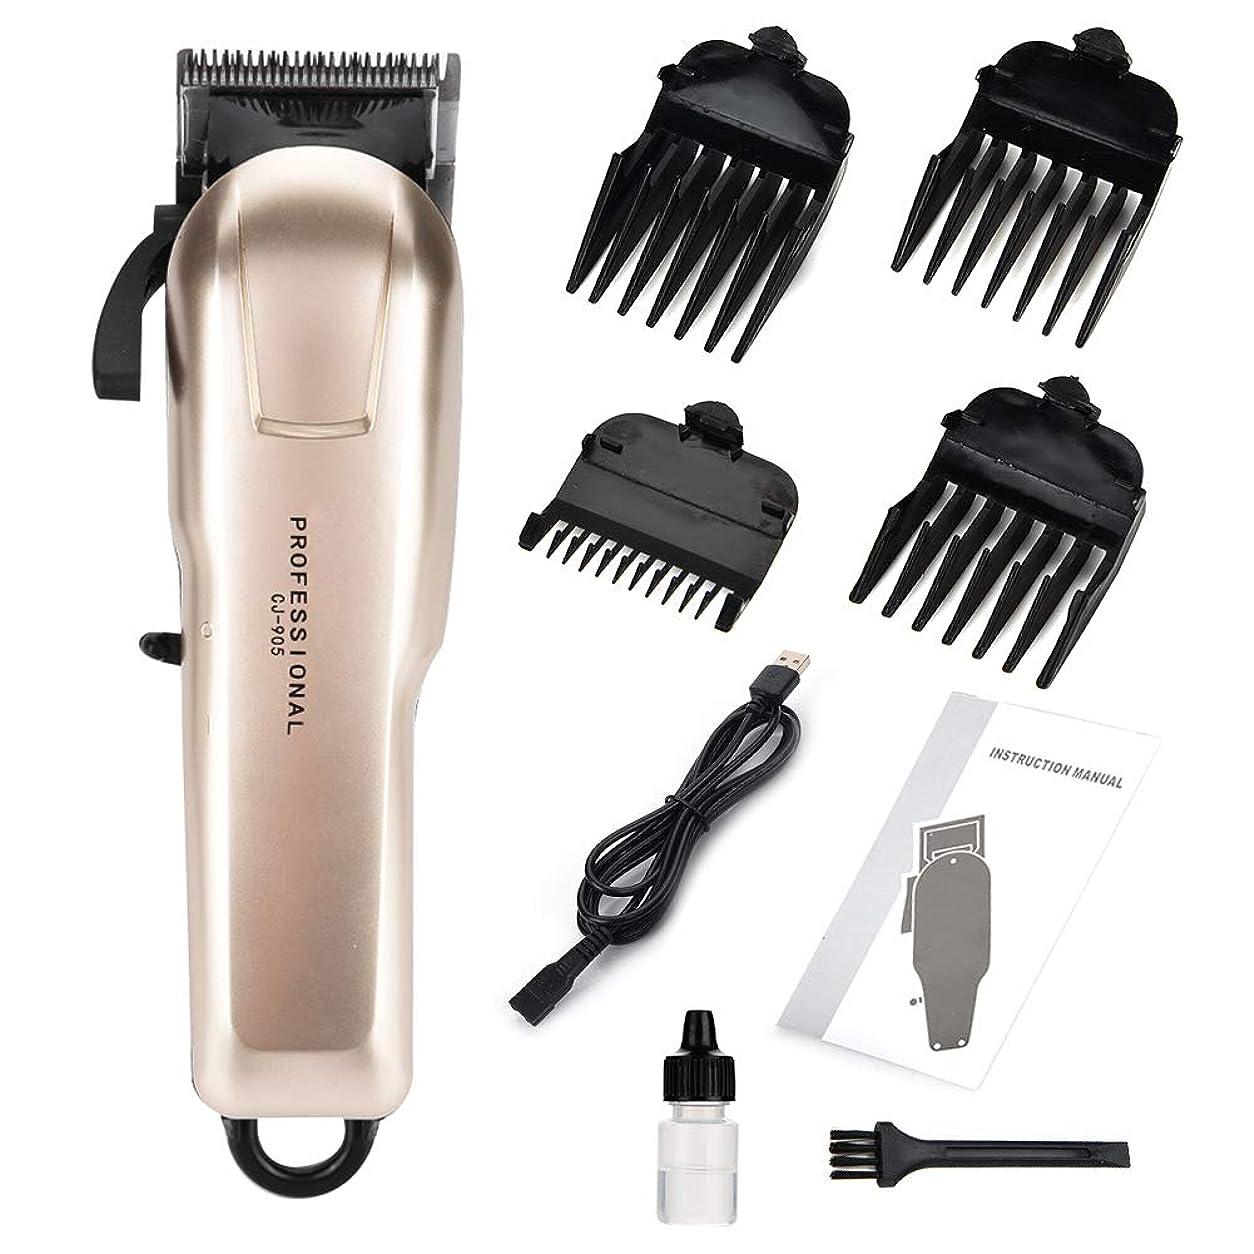 究極の体操呼び出すバリカン 電動バリカン ヘアカッター USB充電 切れ味良い 高精度 低騒音 4つくし型ヘッド付き 刈り高さ調節可能 家庭散髪/業務(#1)